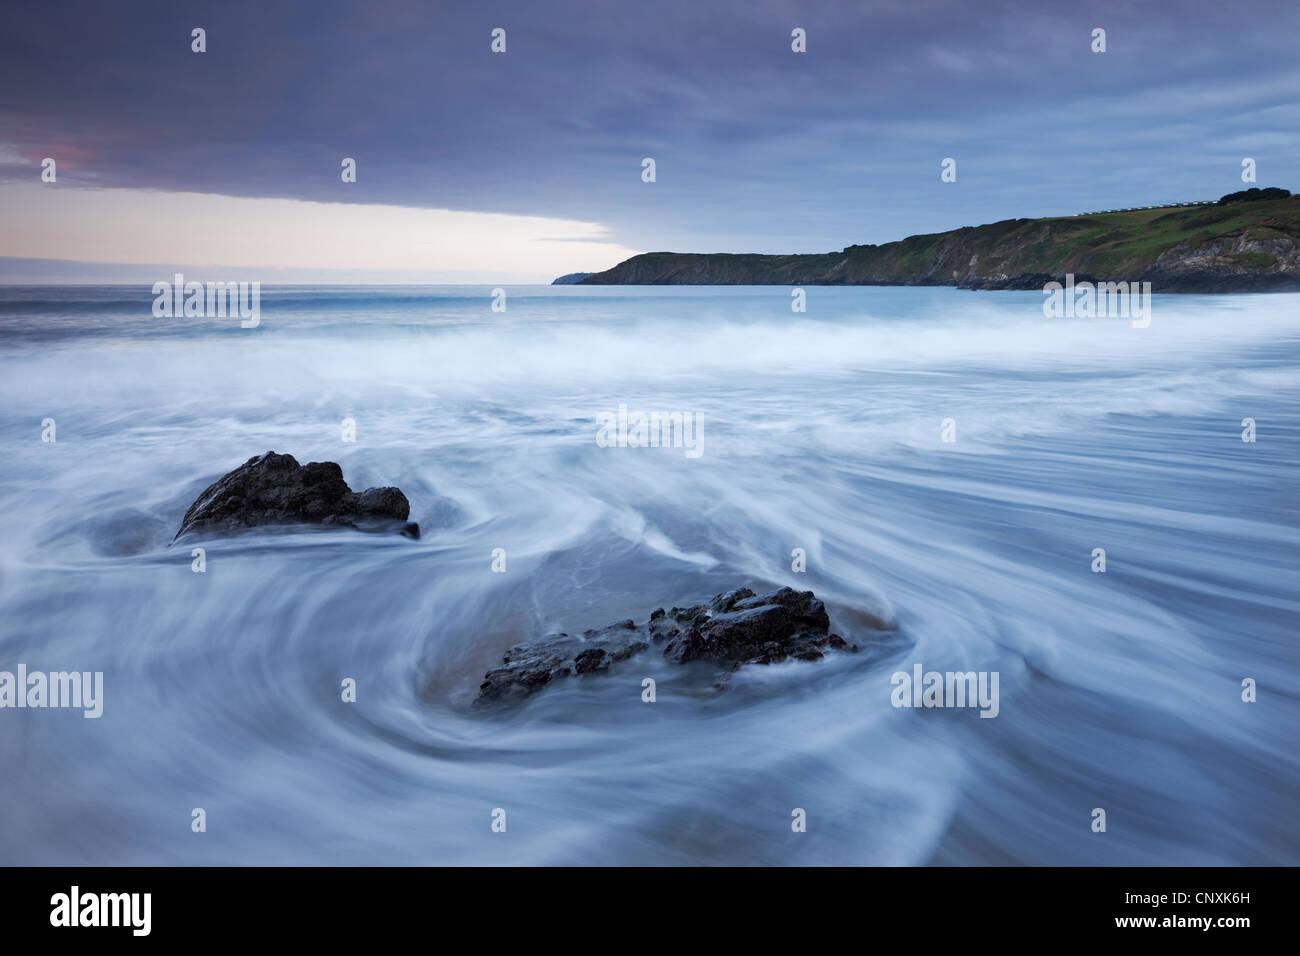 Rush des vagues sur la plage au sable, Péninsule du Lézard Kennack, Cornwall, Angleterre. Printemps (mai) Photo Stock